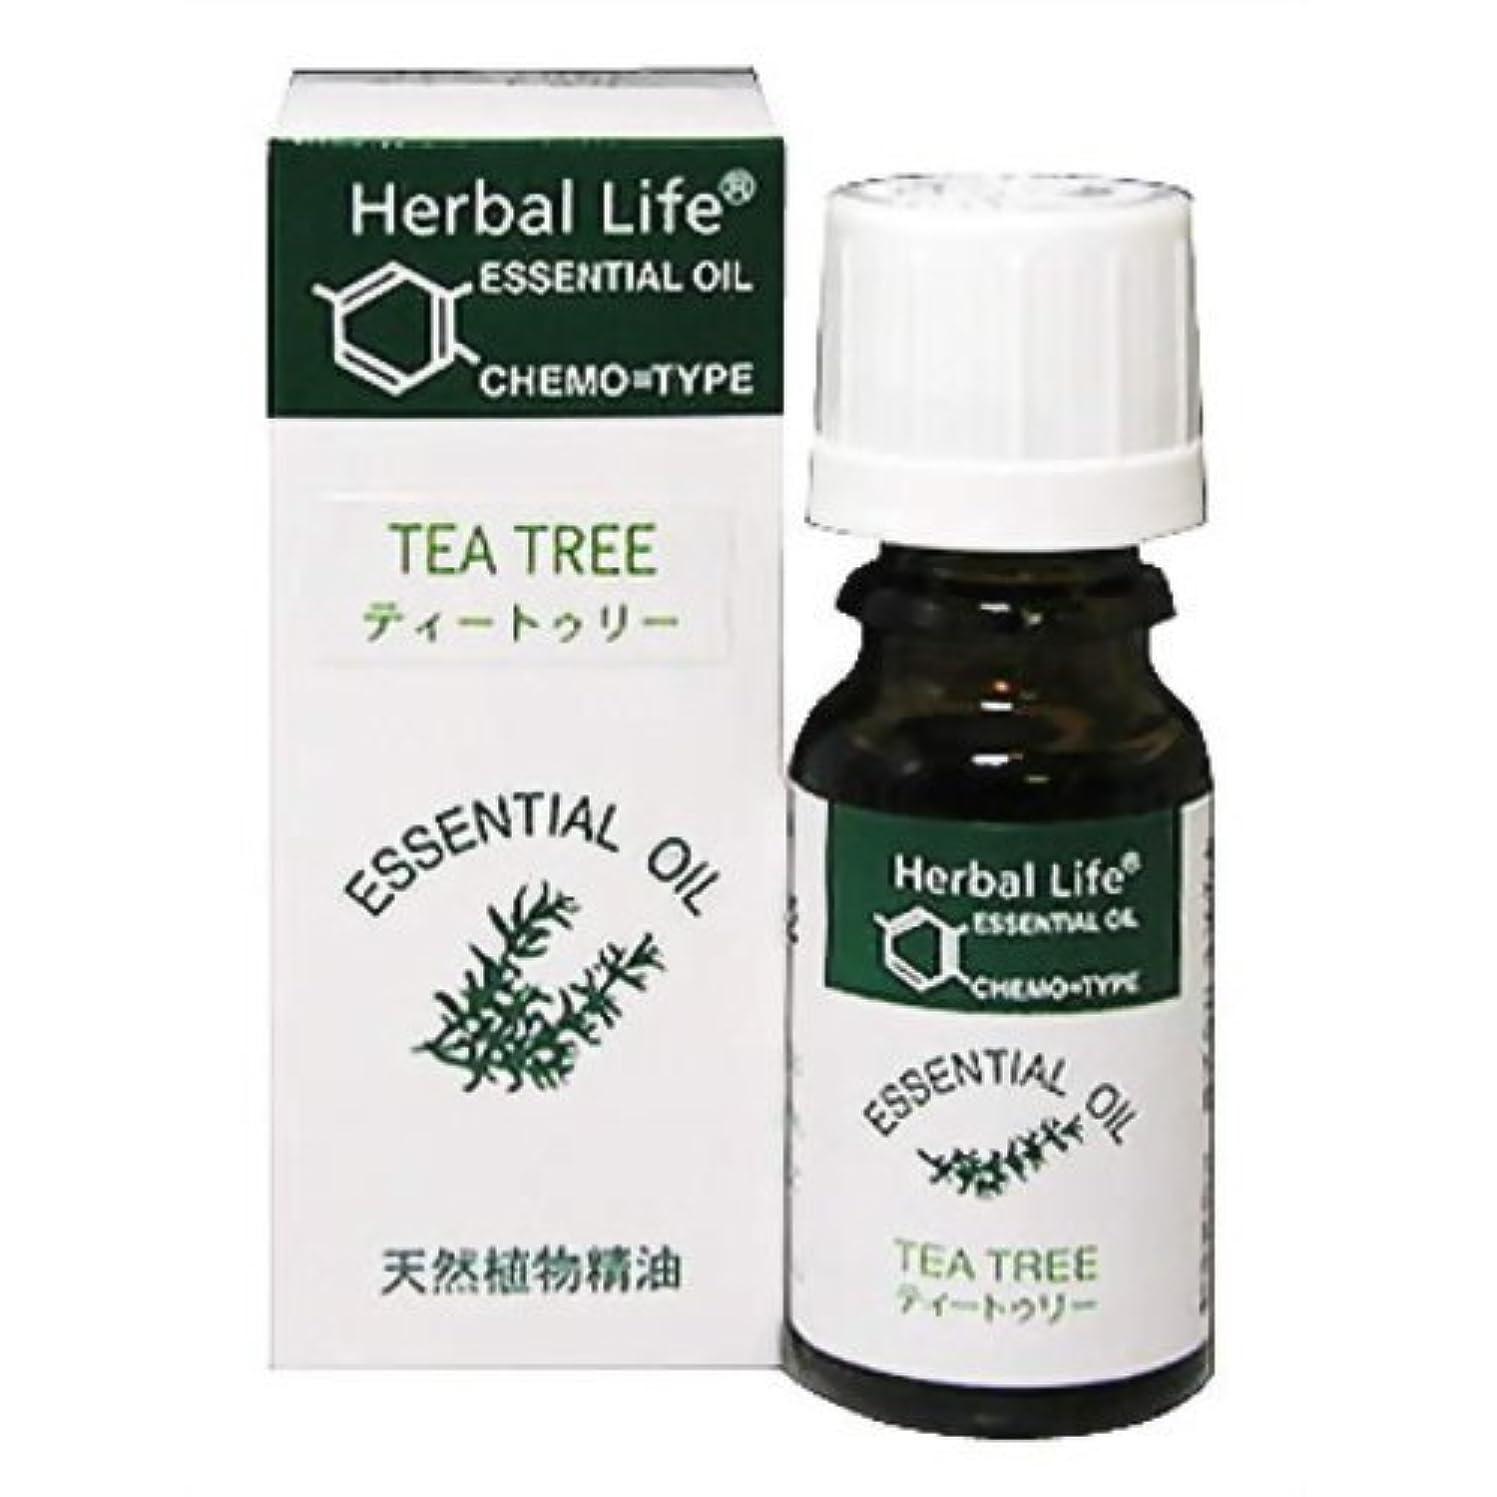 考えた酸君主Herbal Life ティートゥリー 10ml